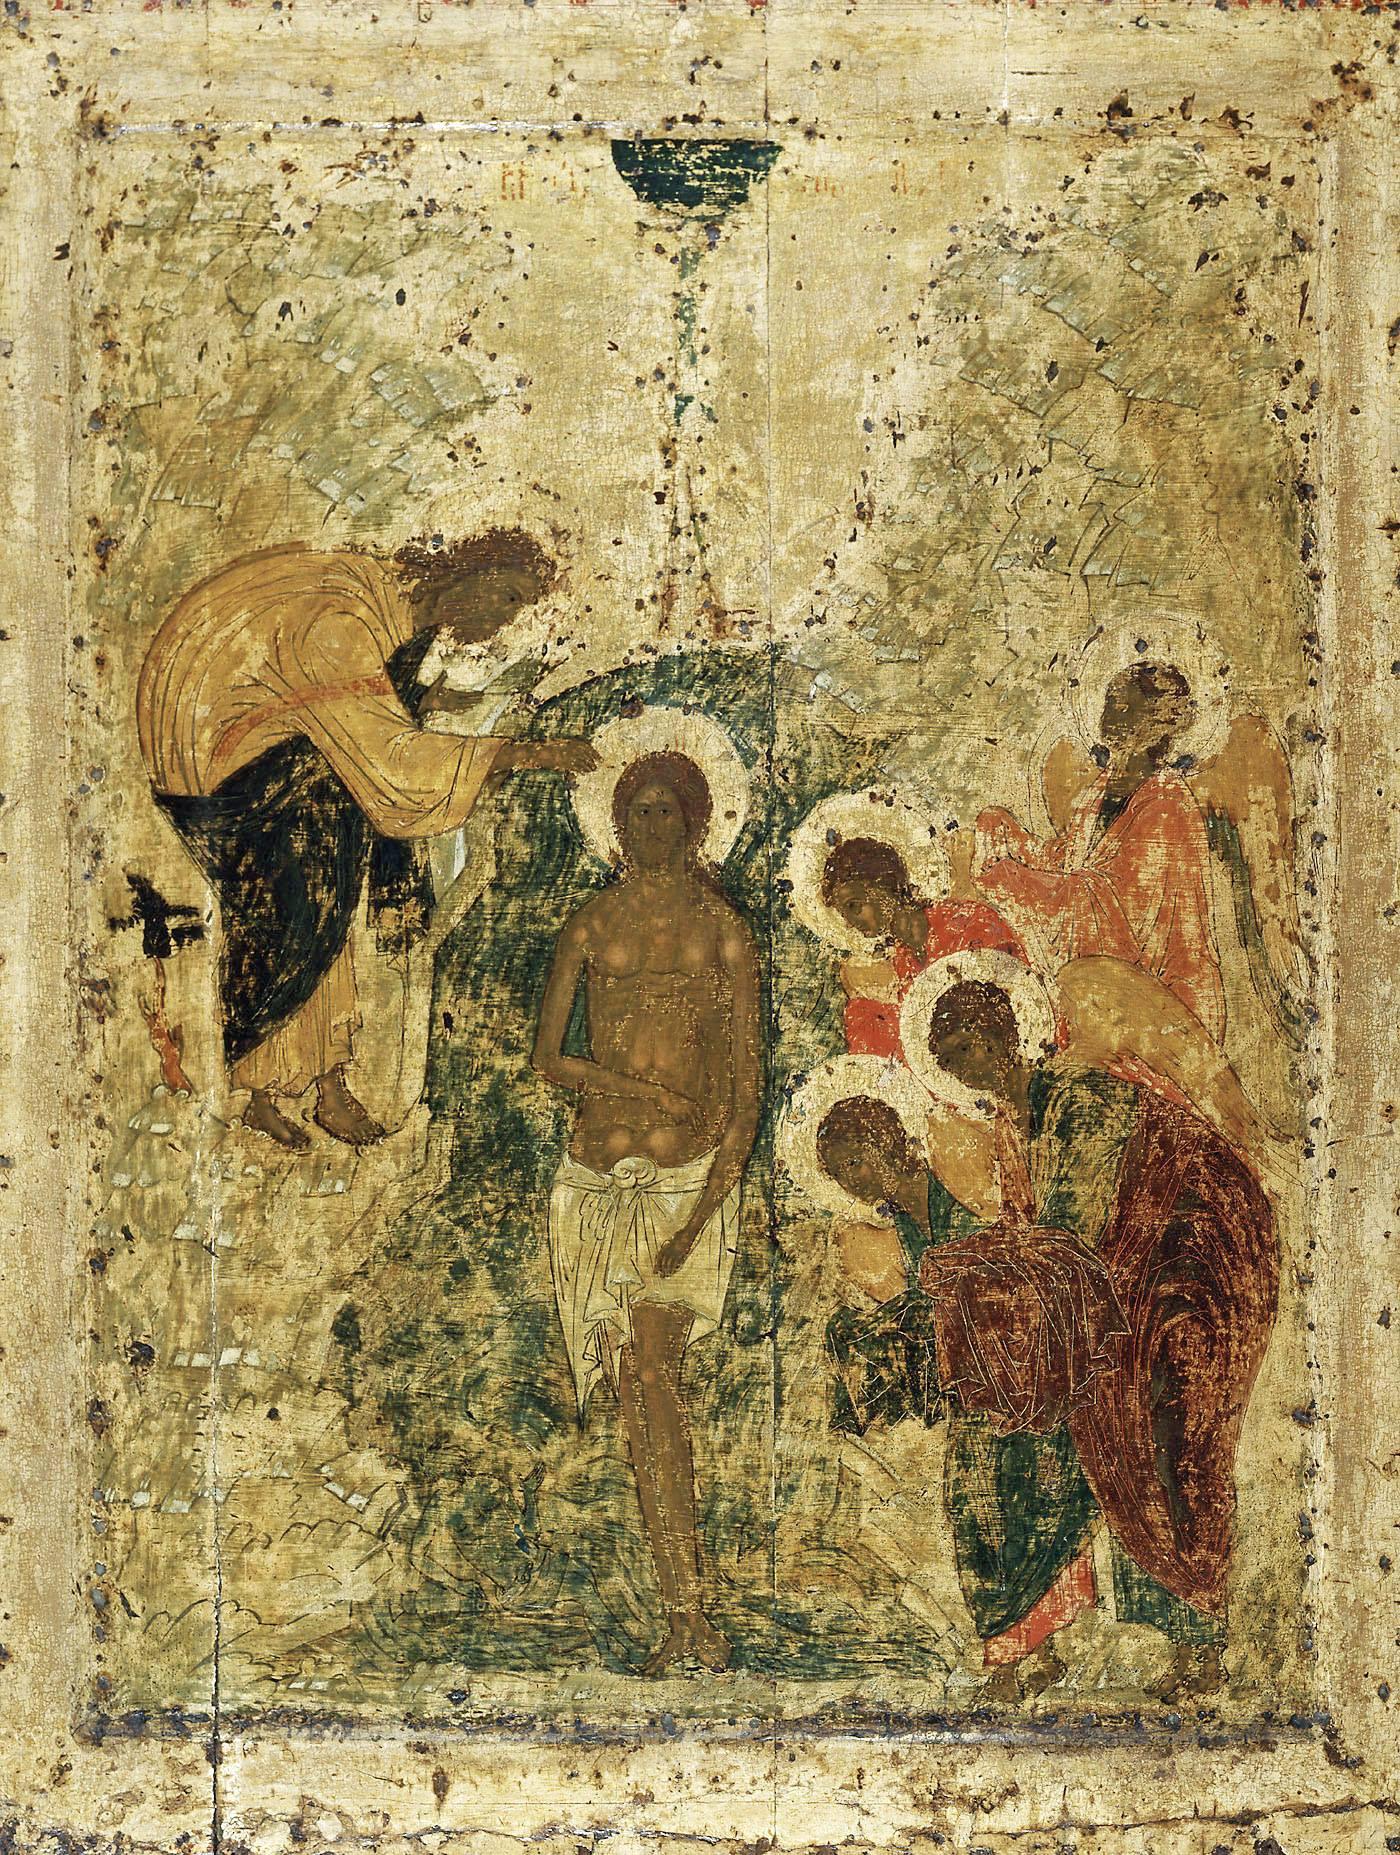 Святое Богоявление. Крещение Господа Бога и Спасителя нашего Иисуса Христа